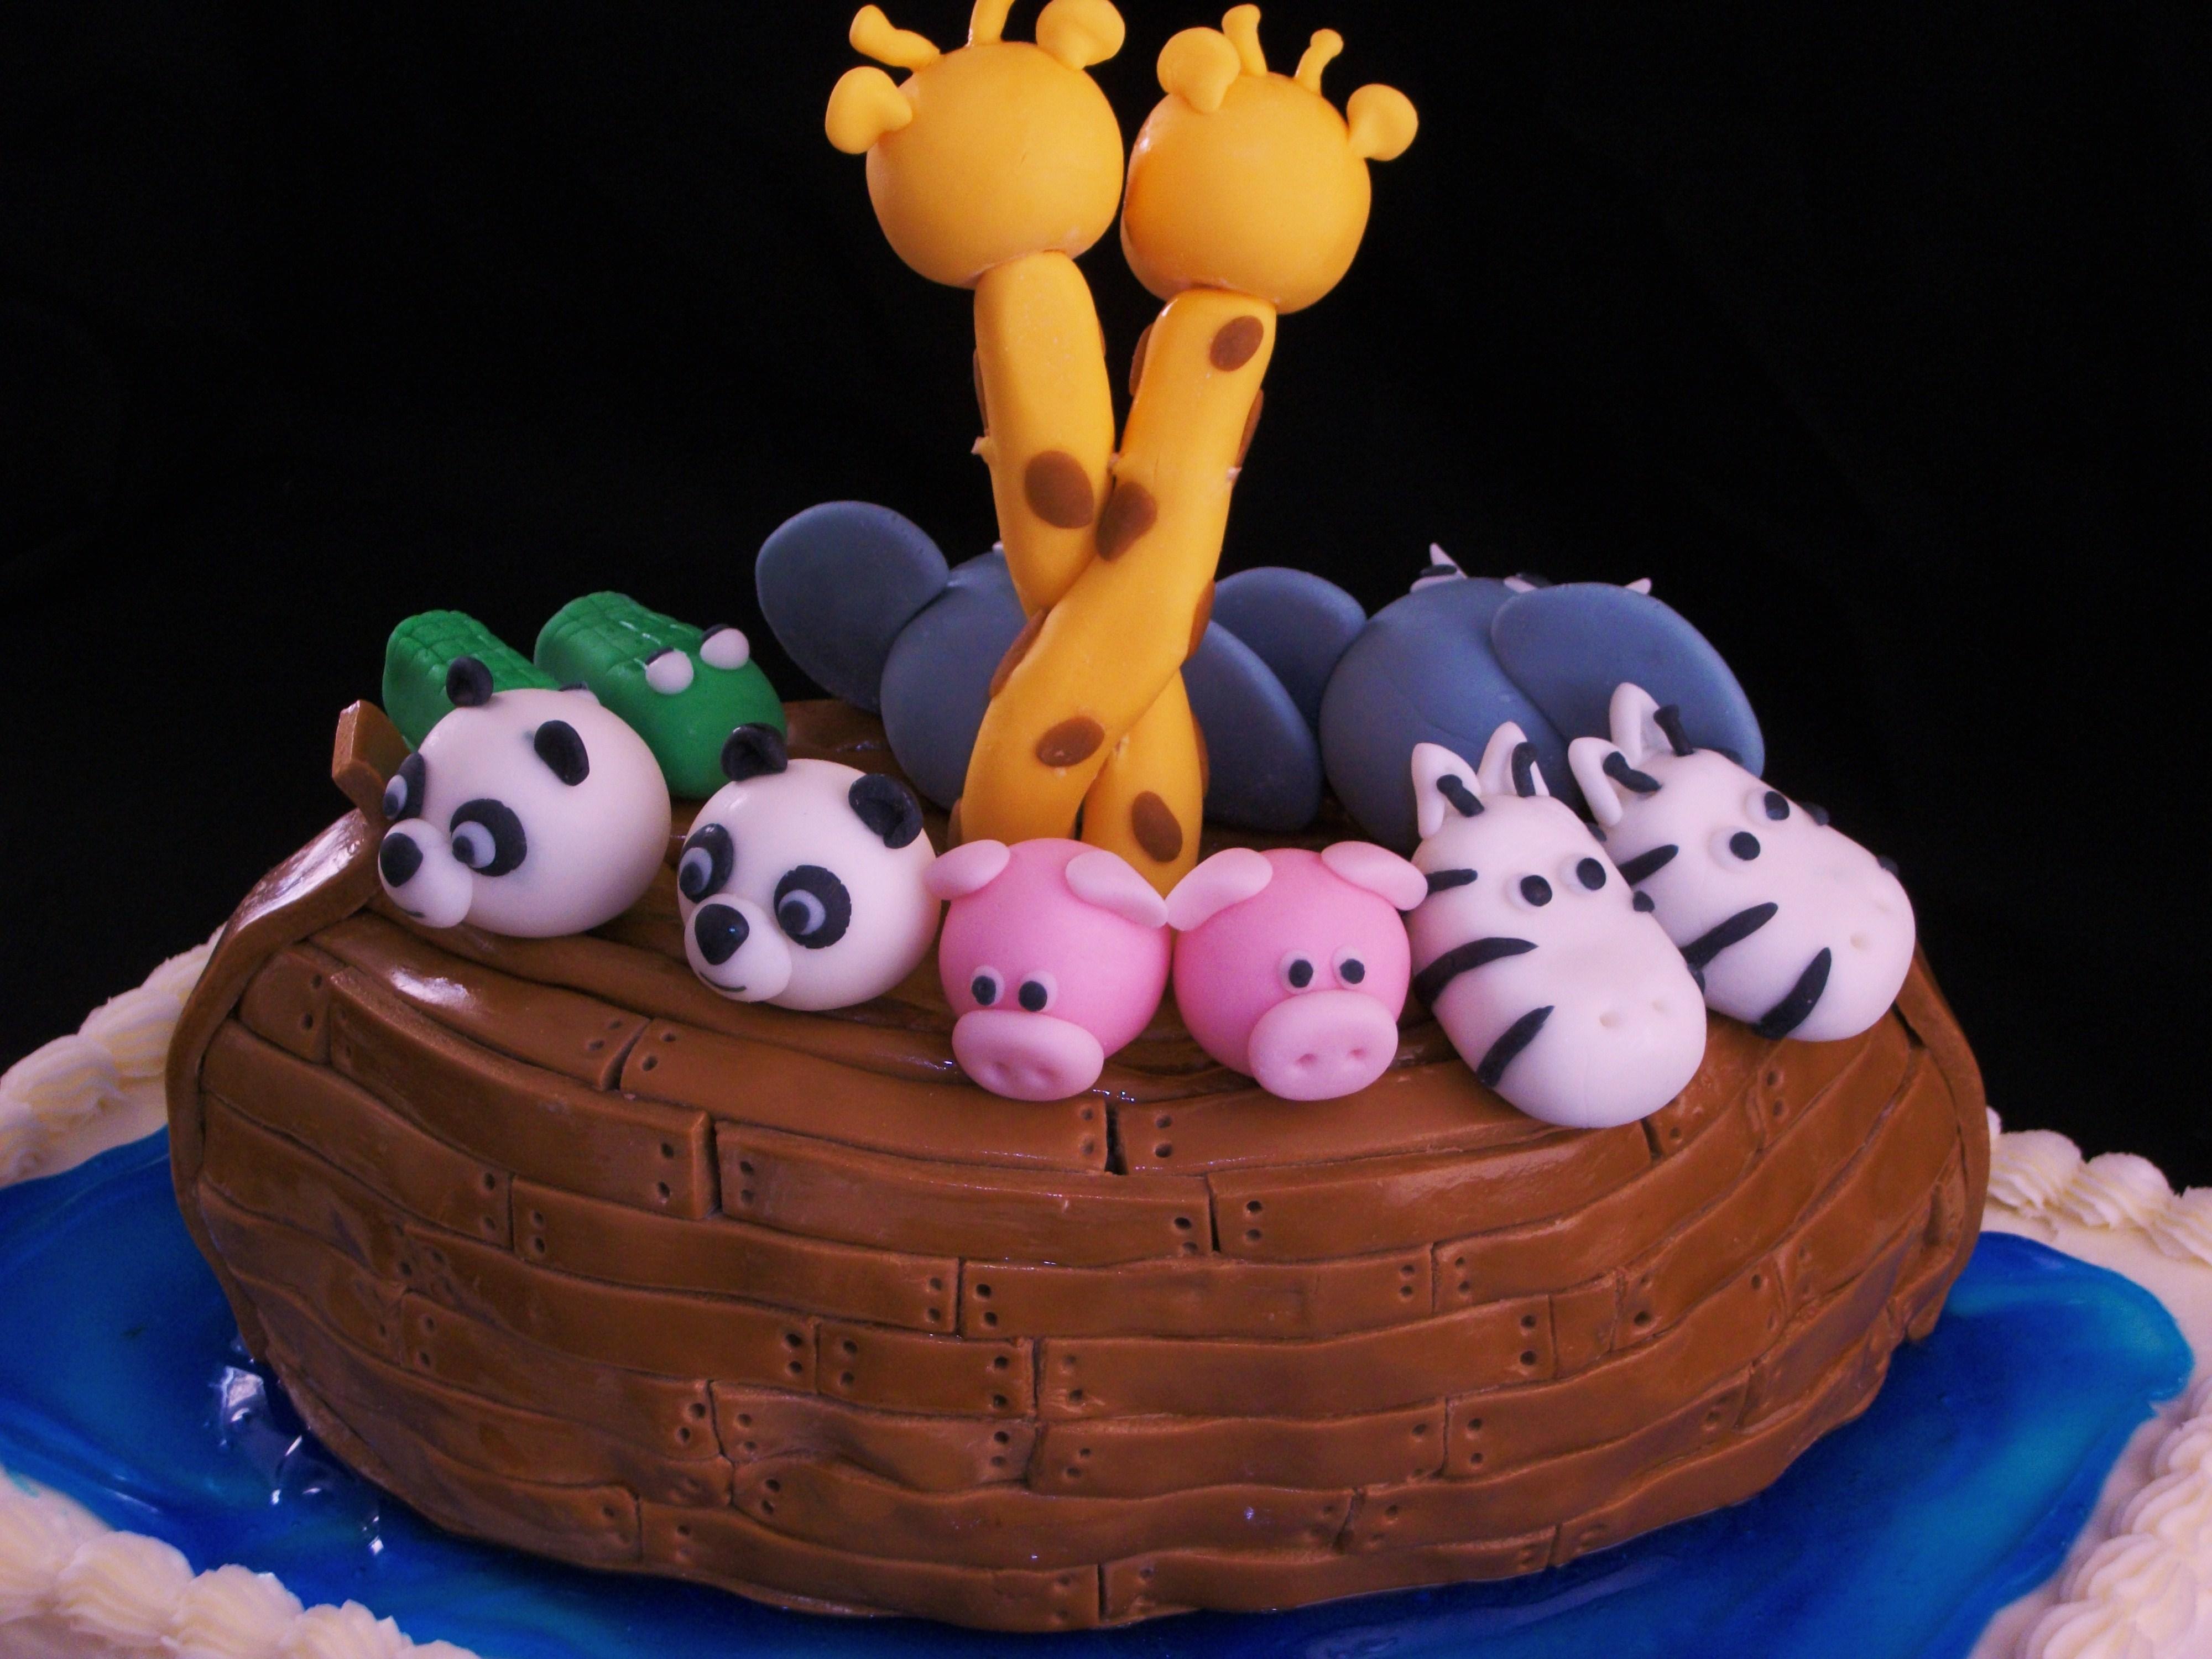 Tremendous 12 Birthday Cakes Lexington Ky Photo 50Th Birthday Cake Cakes Funny Birthday Cards Online Unhofree Goldxyz